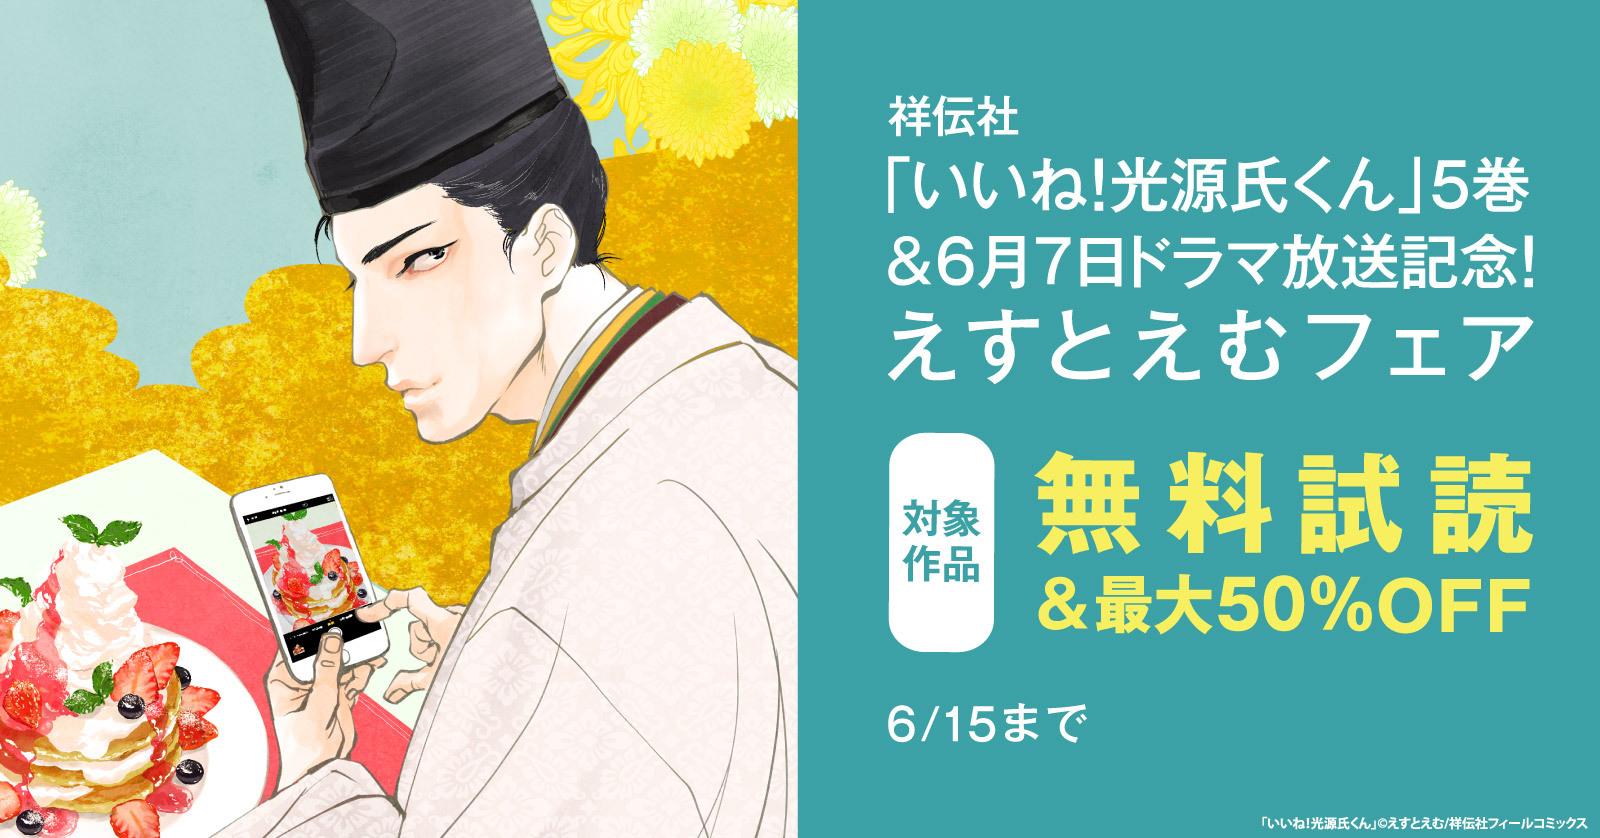 「いいね!光源氏くん」5巻&6月7日ドラマ放送記念!えすとえむフェア